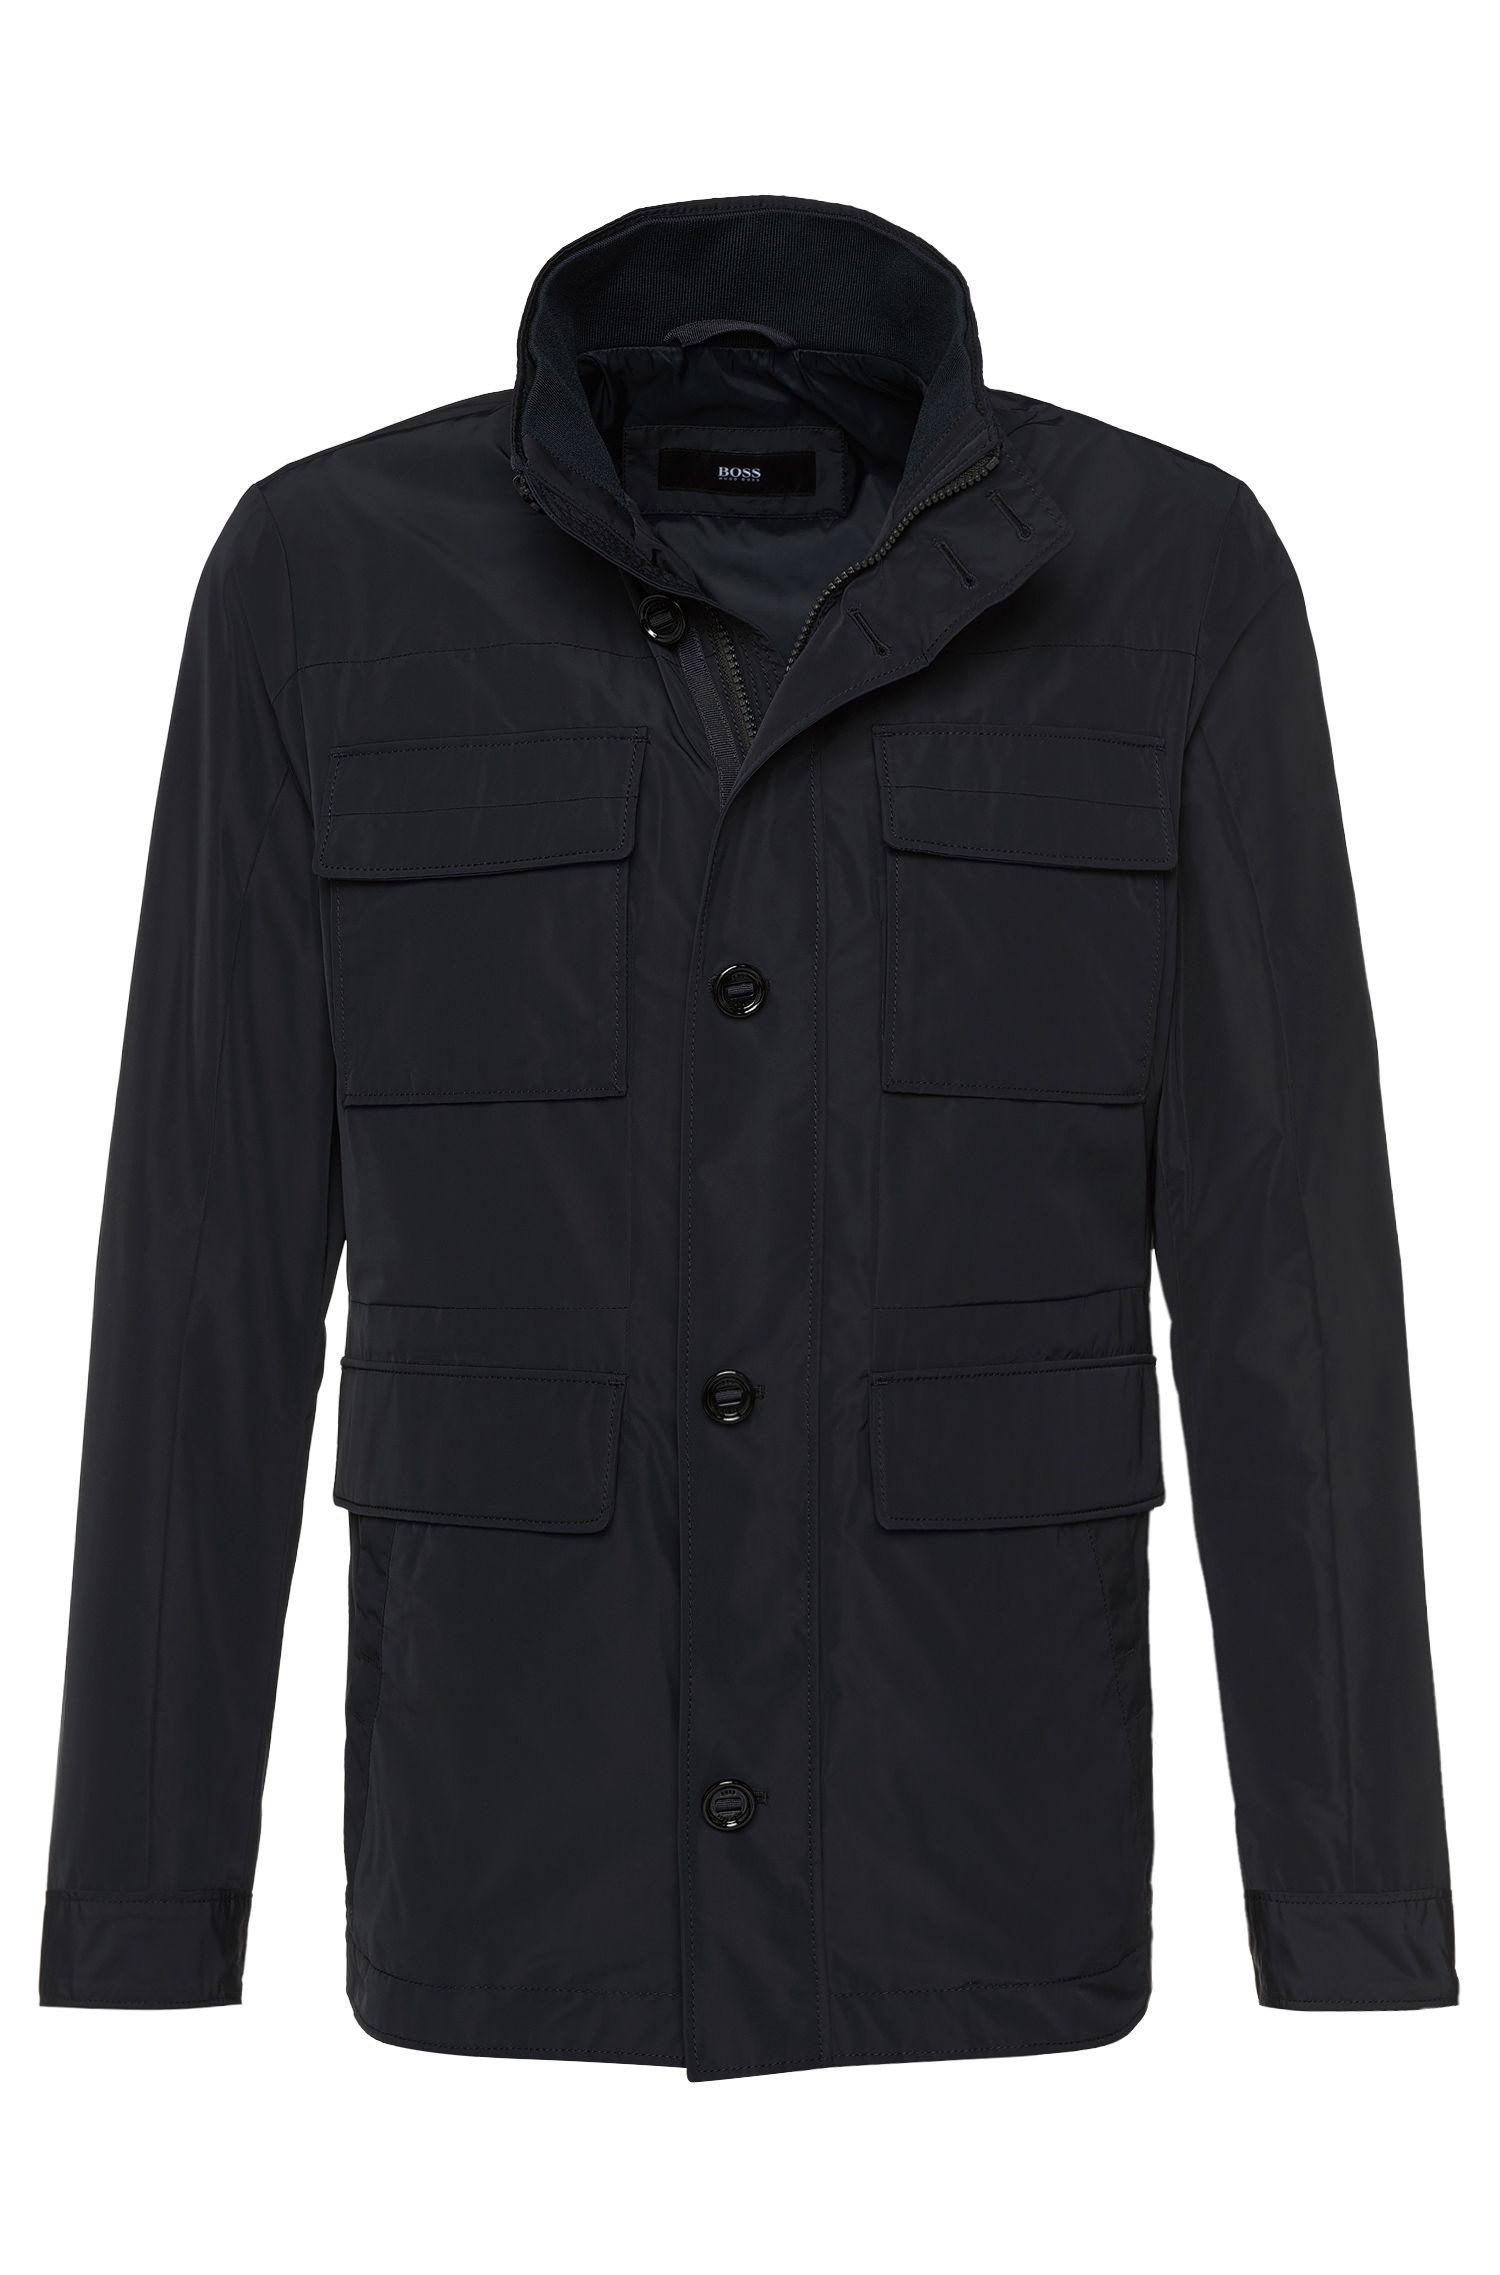 Unifarbene Jacke mit großen Taschen: 'Calasso1'